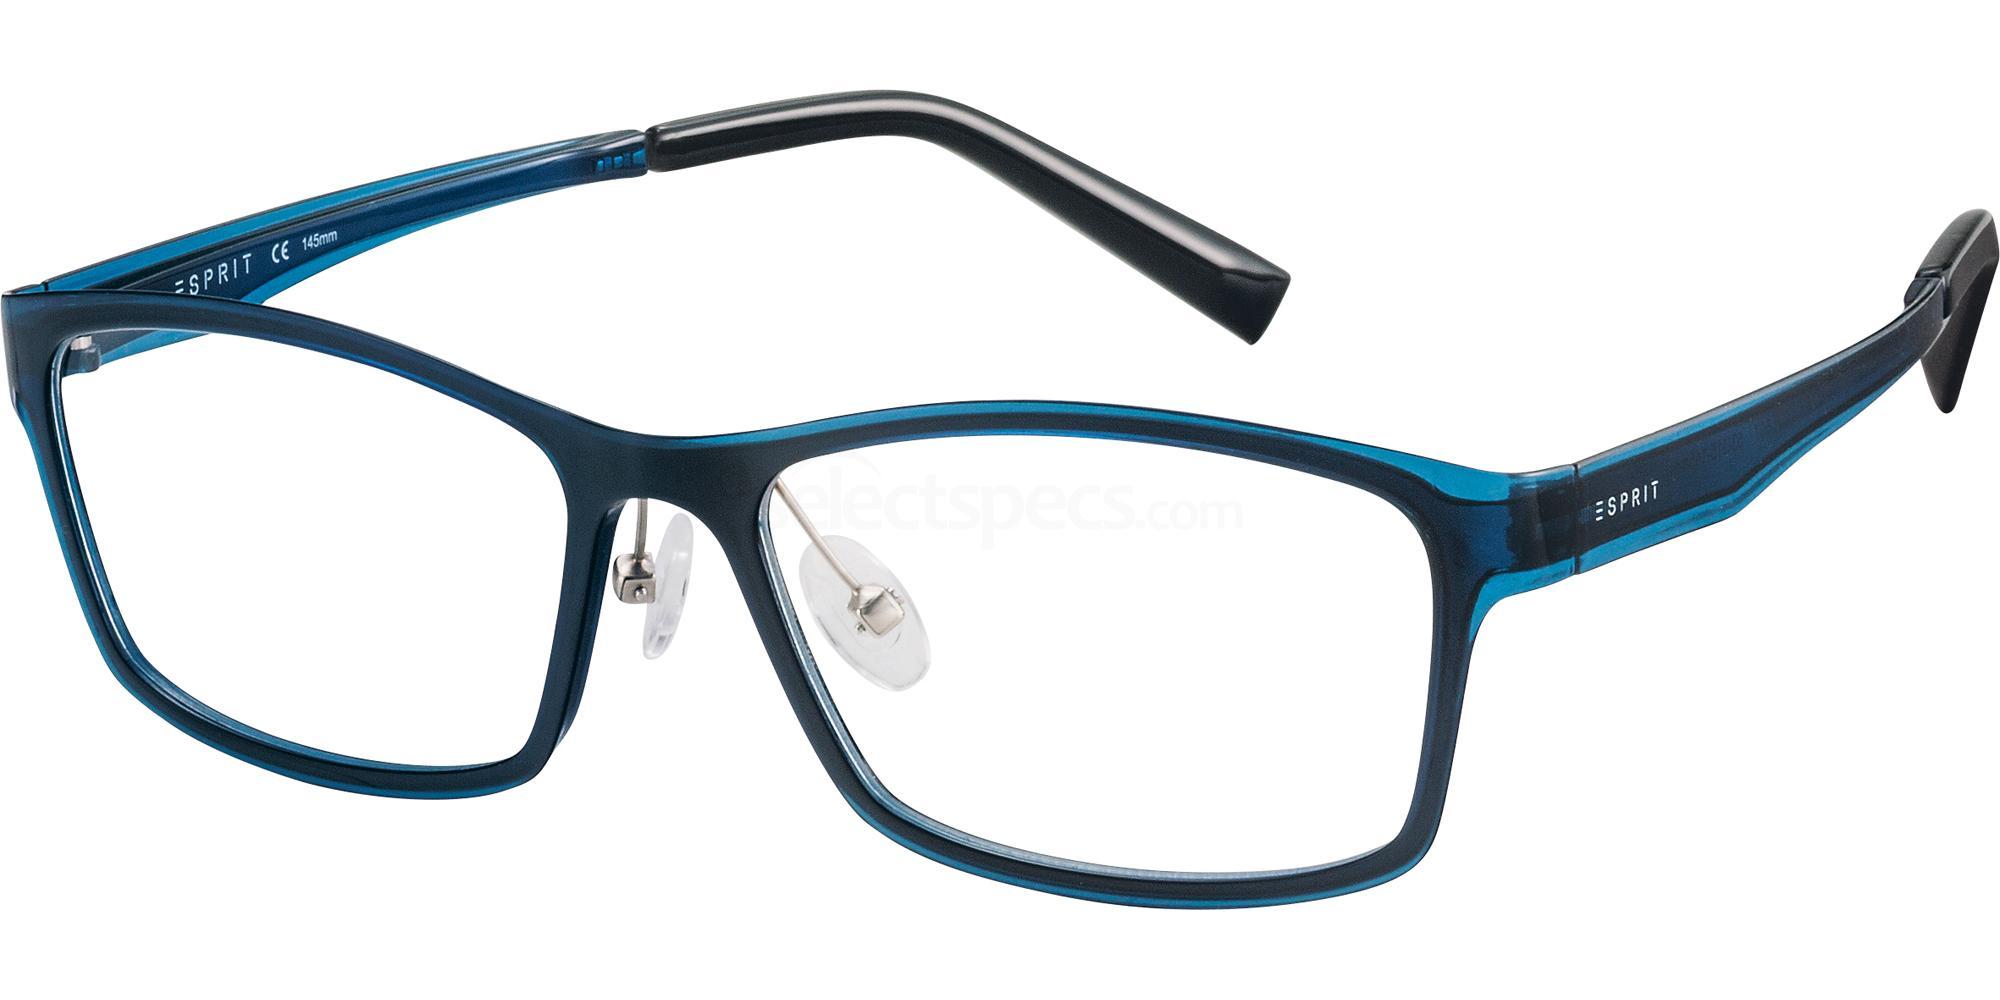 507 ET17516 Glasses, Esprit